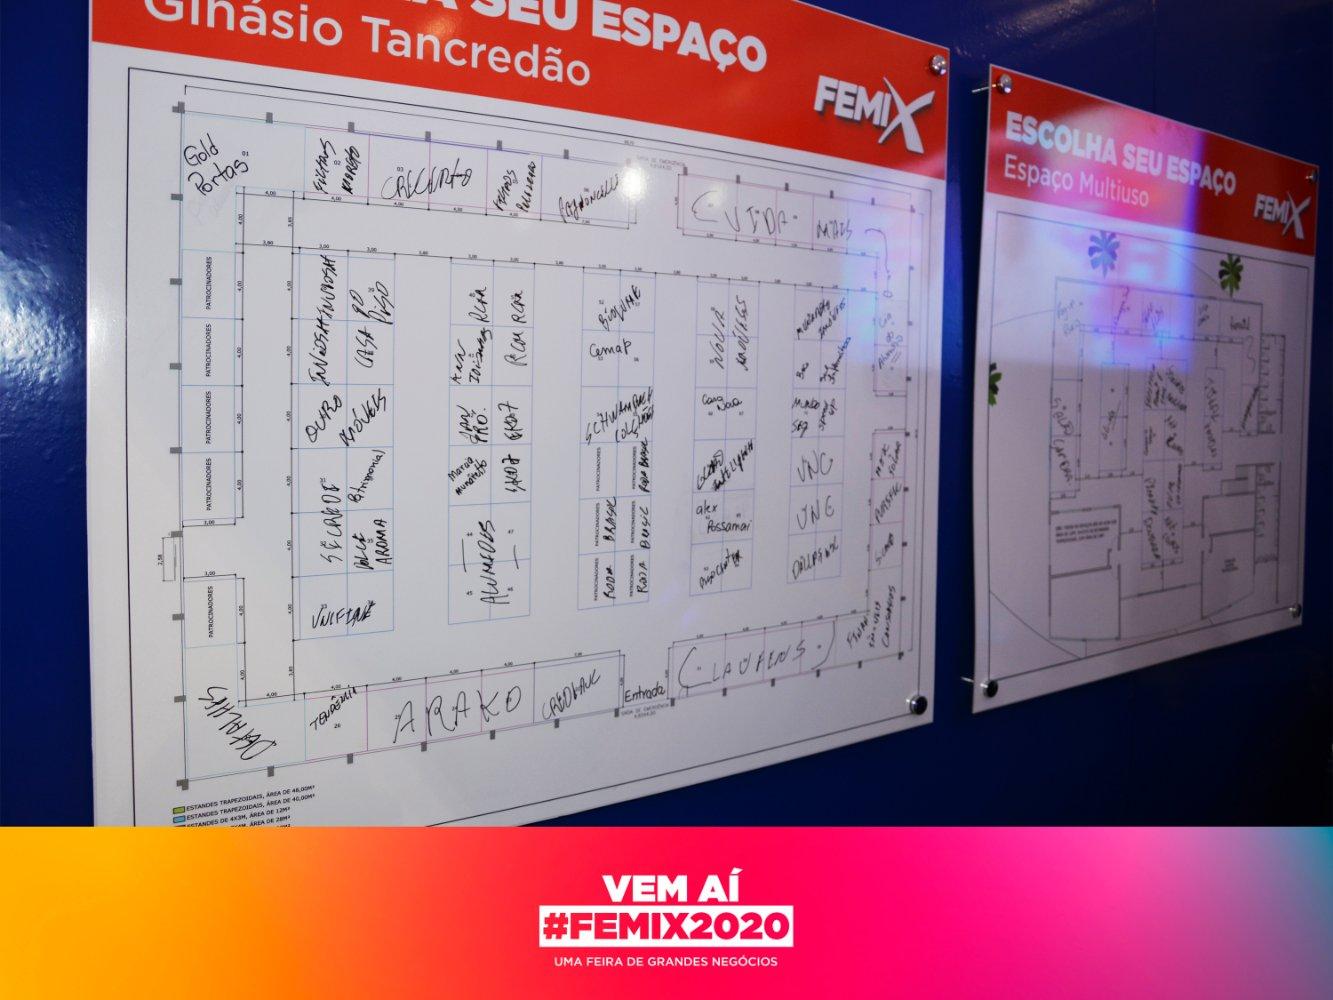 FEMIX 2020 100% dos espaços internos comercializados na EXPO 2019